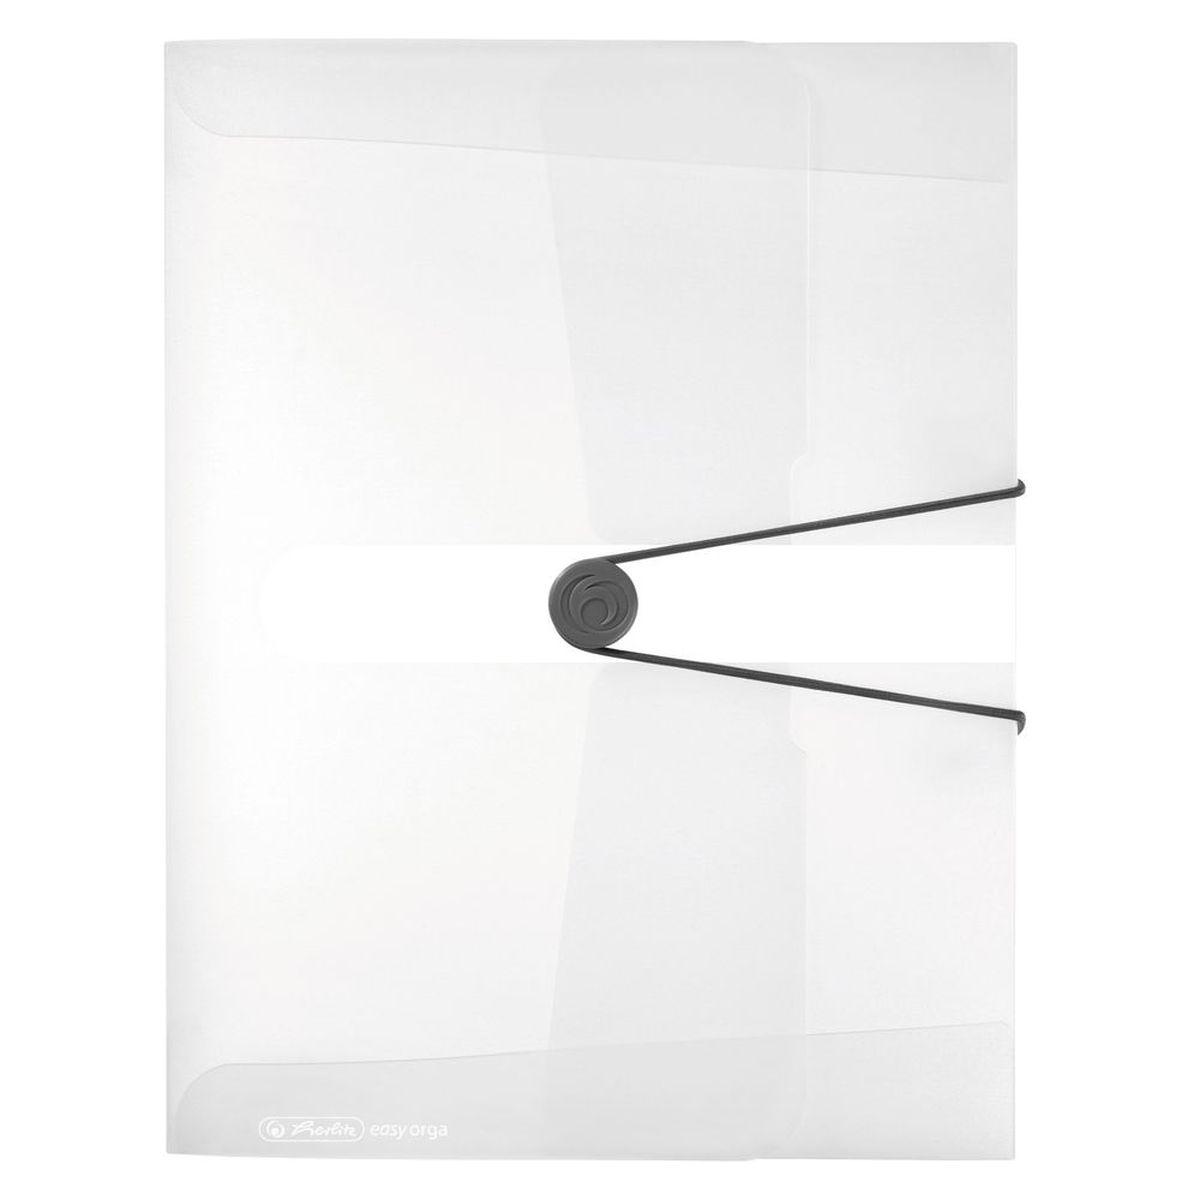 Herlitz Папка-конверт Easy orga to go цвет прозрачный